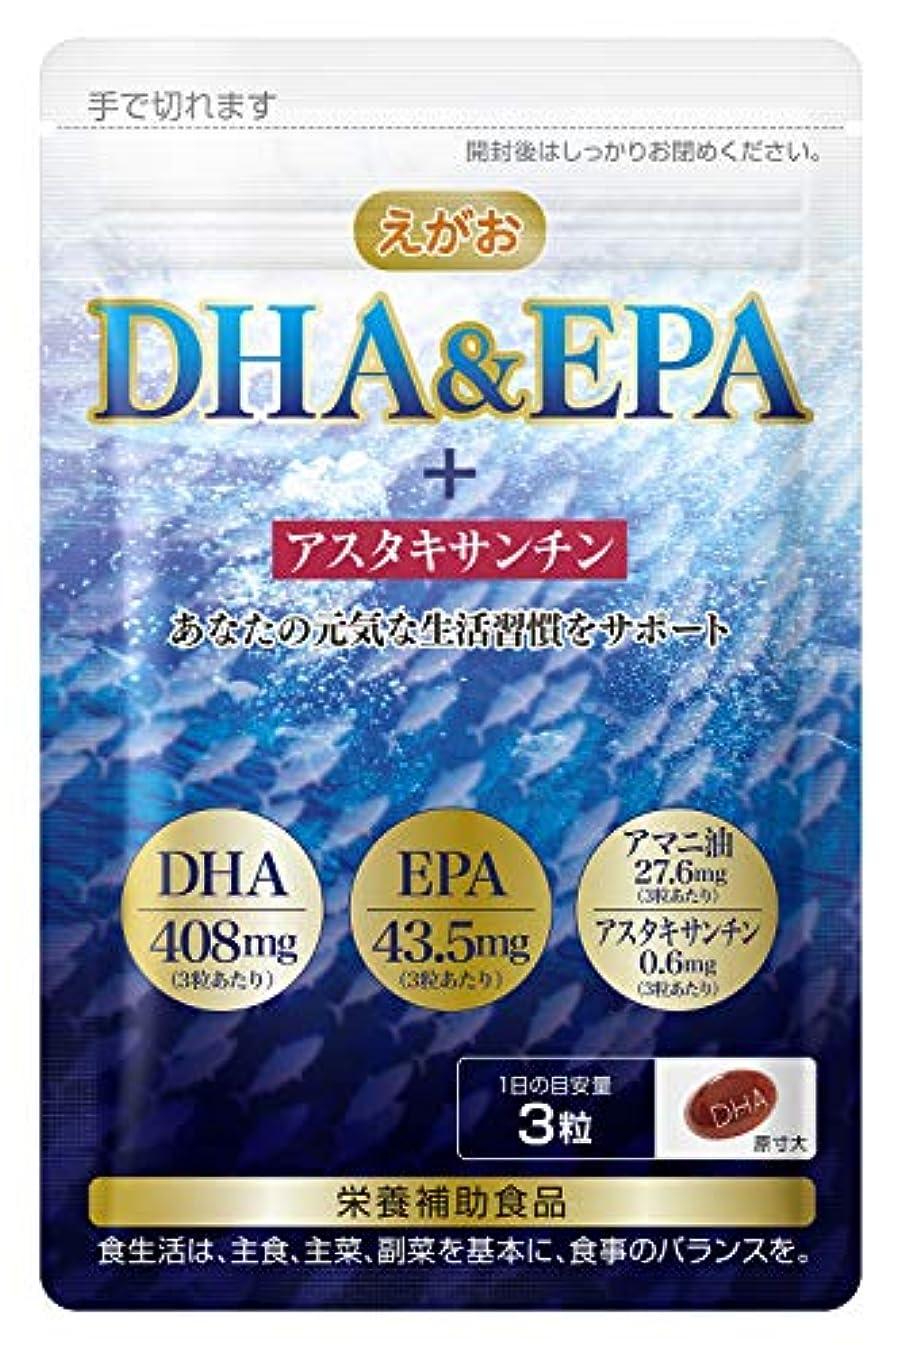 冷ややかなタクシー添加剤えがおの DHA&EPA+アスタキサンチン 【1袋】(1袋/93粒入り 約1ヵ月分) 栄養補助食品